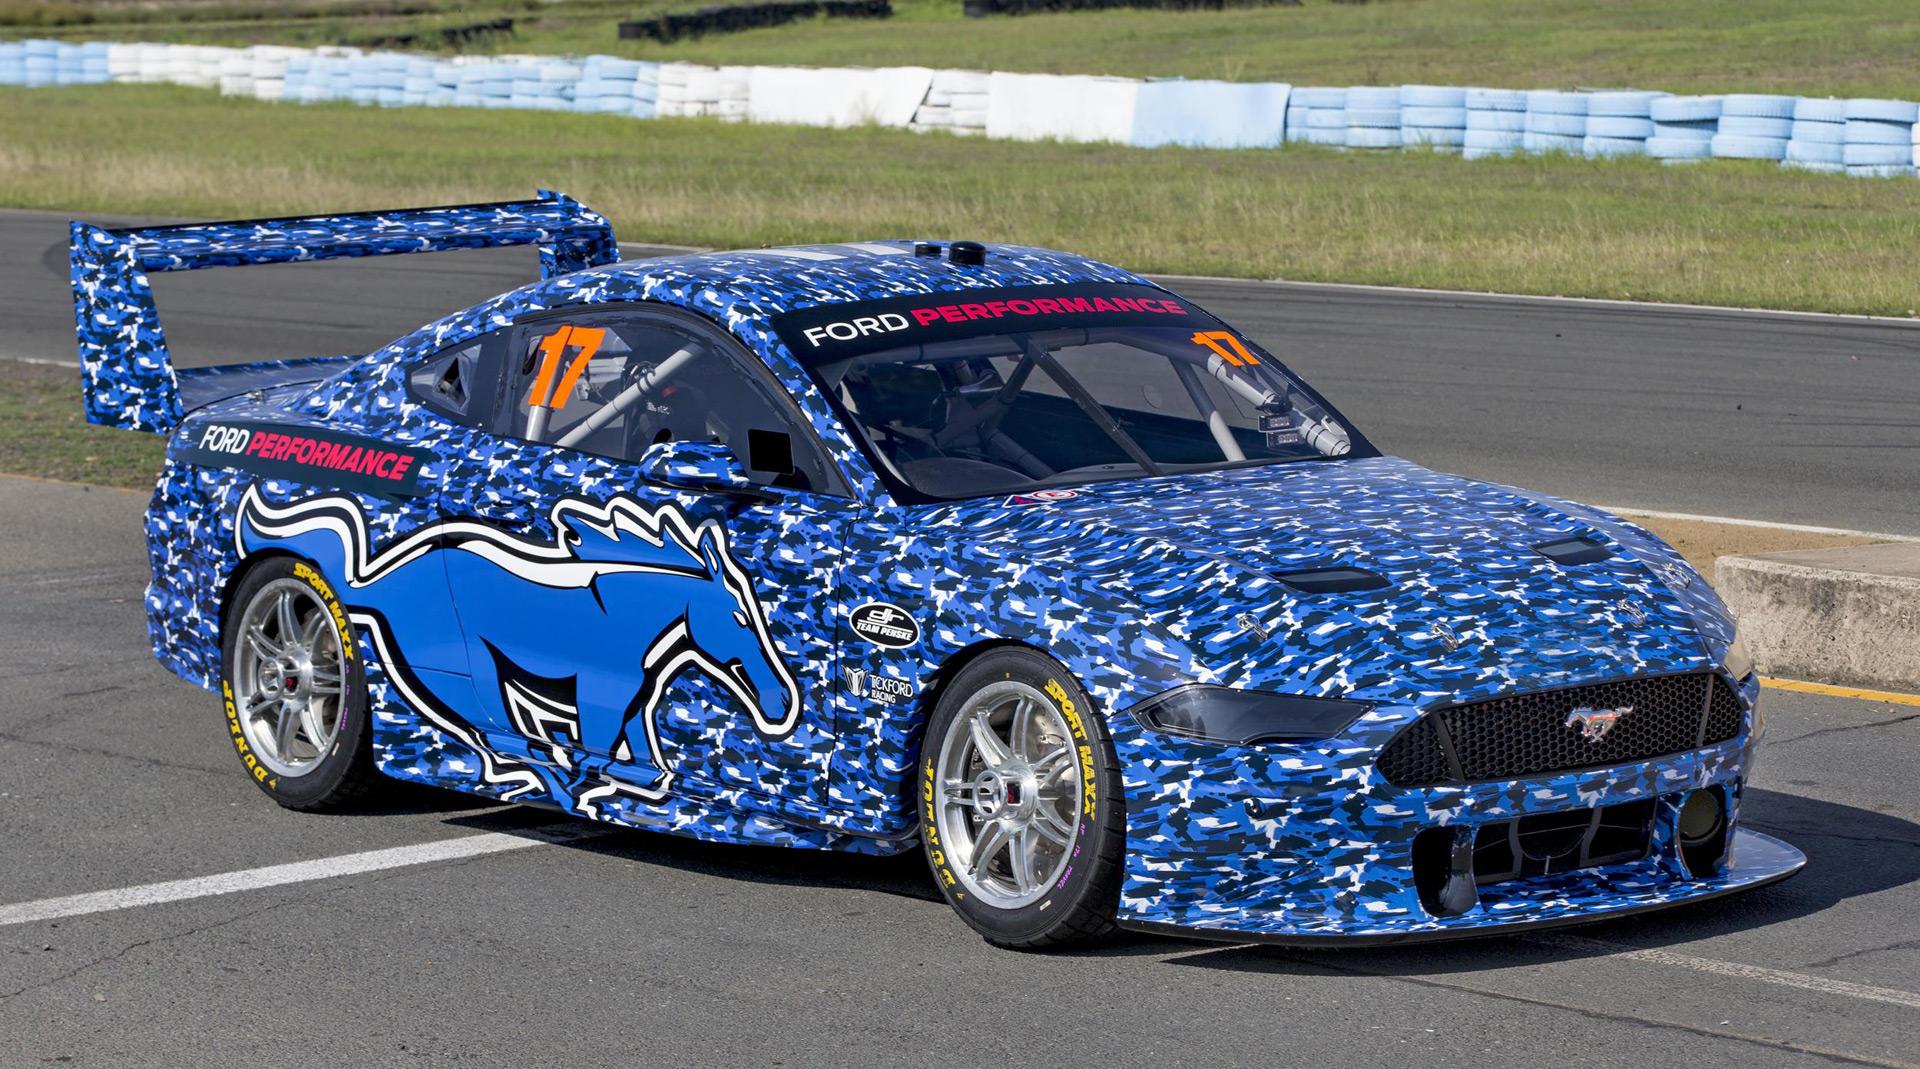 2019 Ford Mustang Australia Supercars Racer Revealed